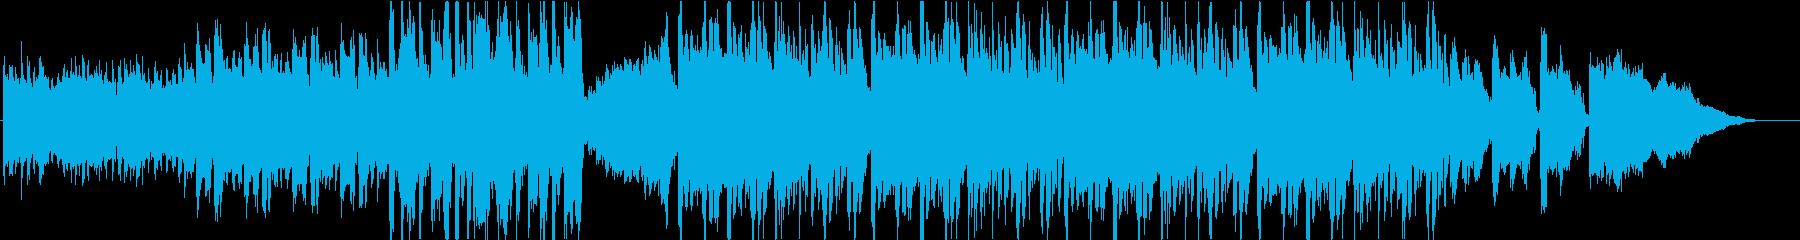 妖しげで何か始りそうなエレクトロジングルの再生済みの波形